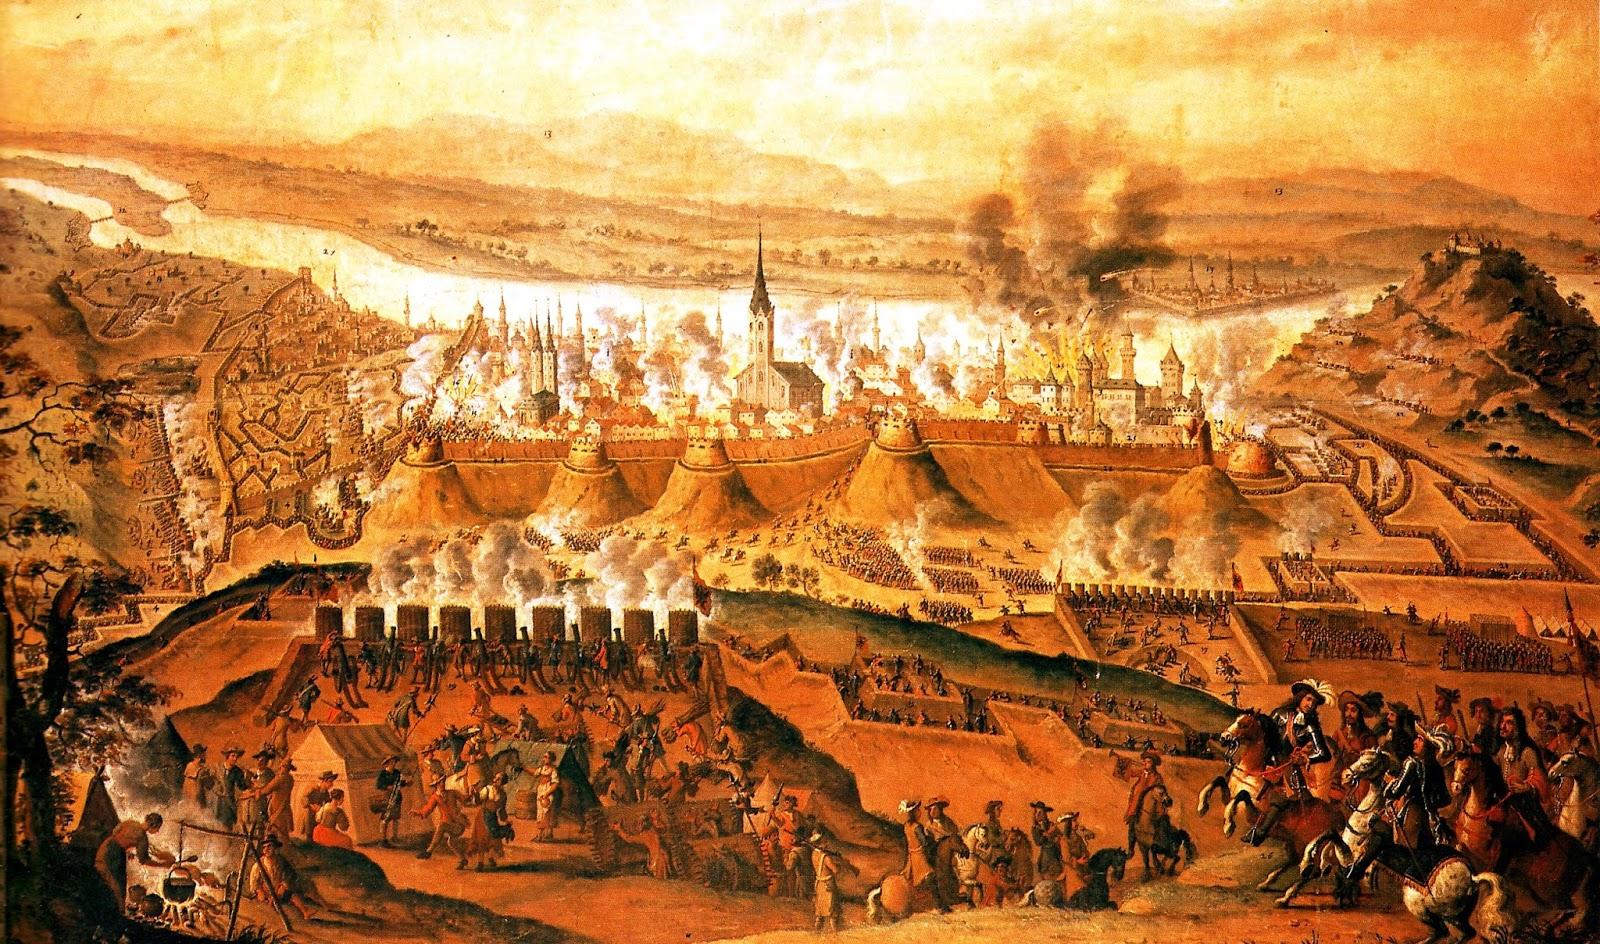 Wars of Louis Quatorze: Battle of Buda (1686)